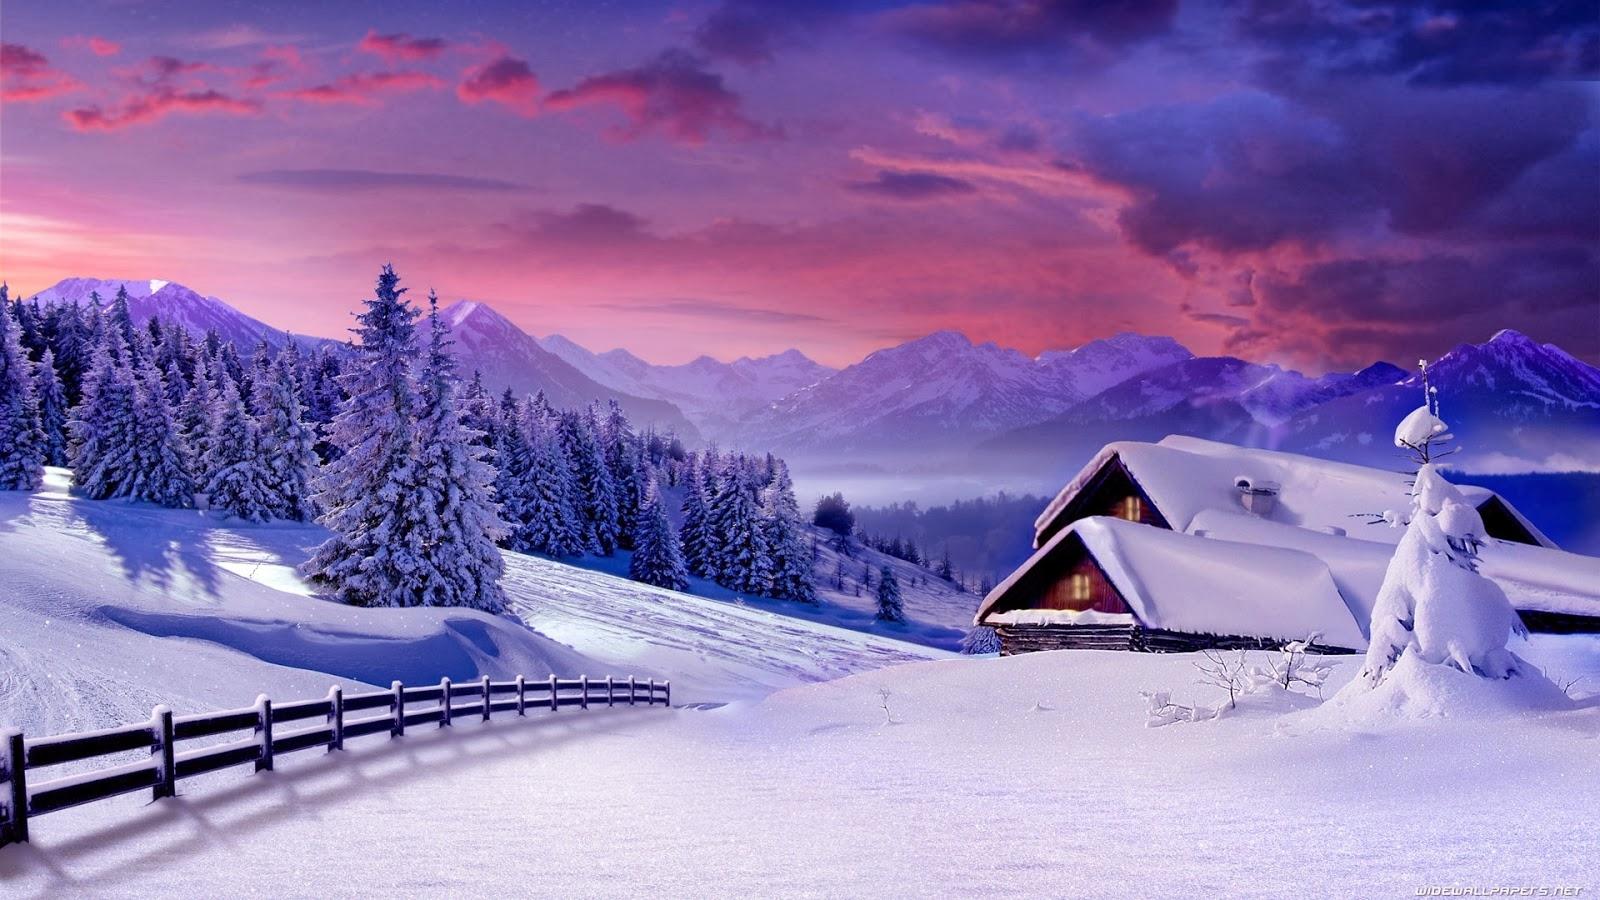 desktop backgrounds 4u: winter scenes